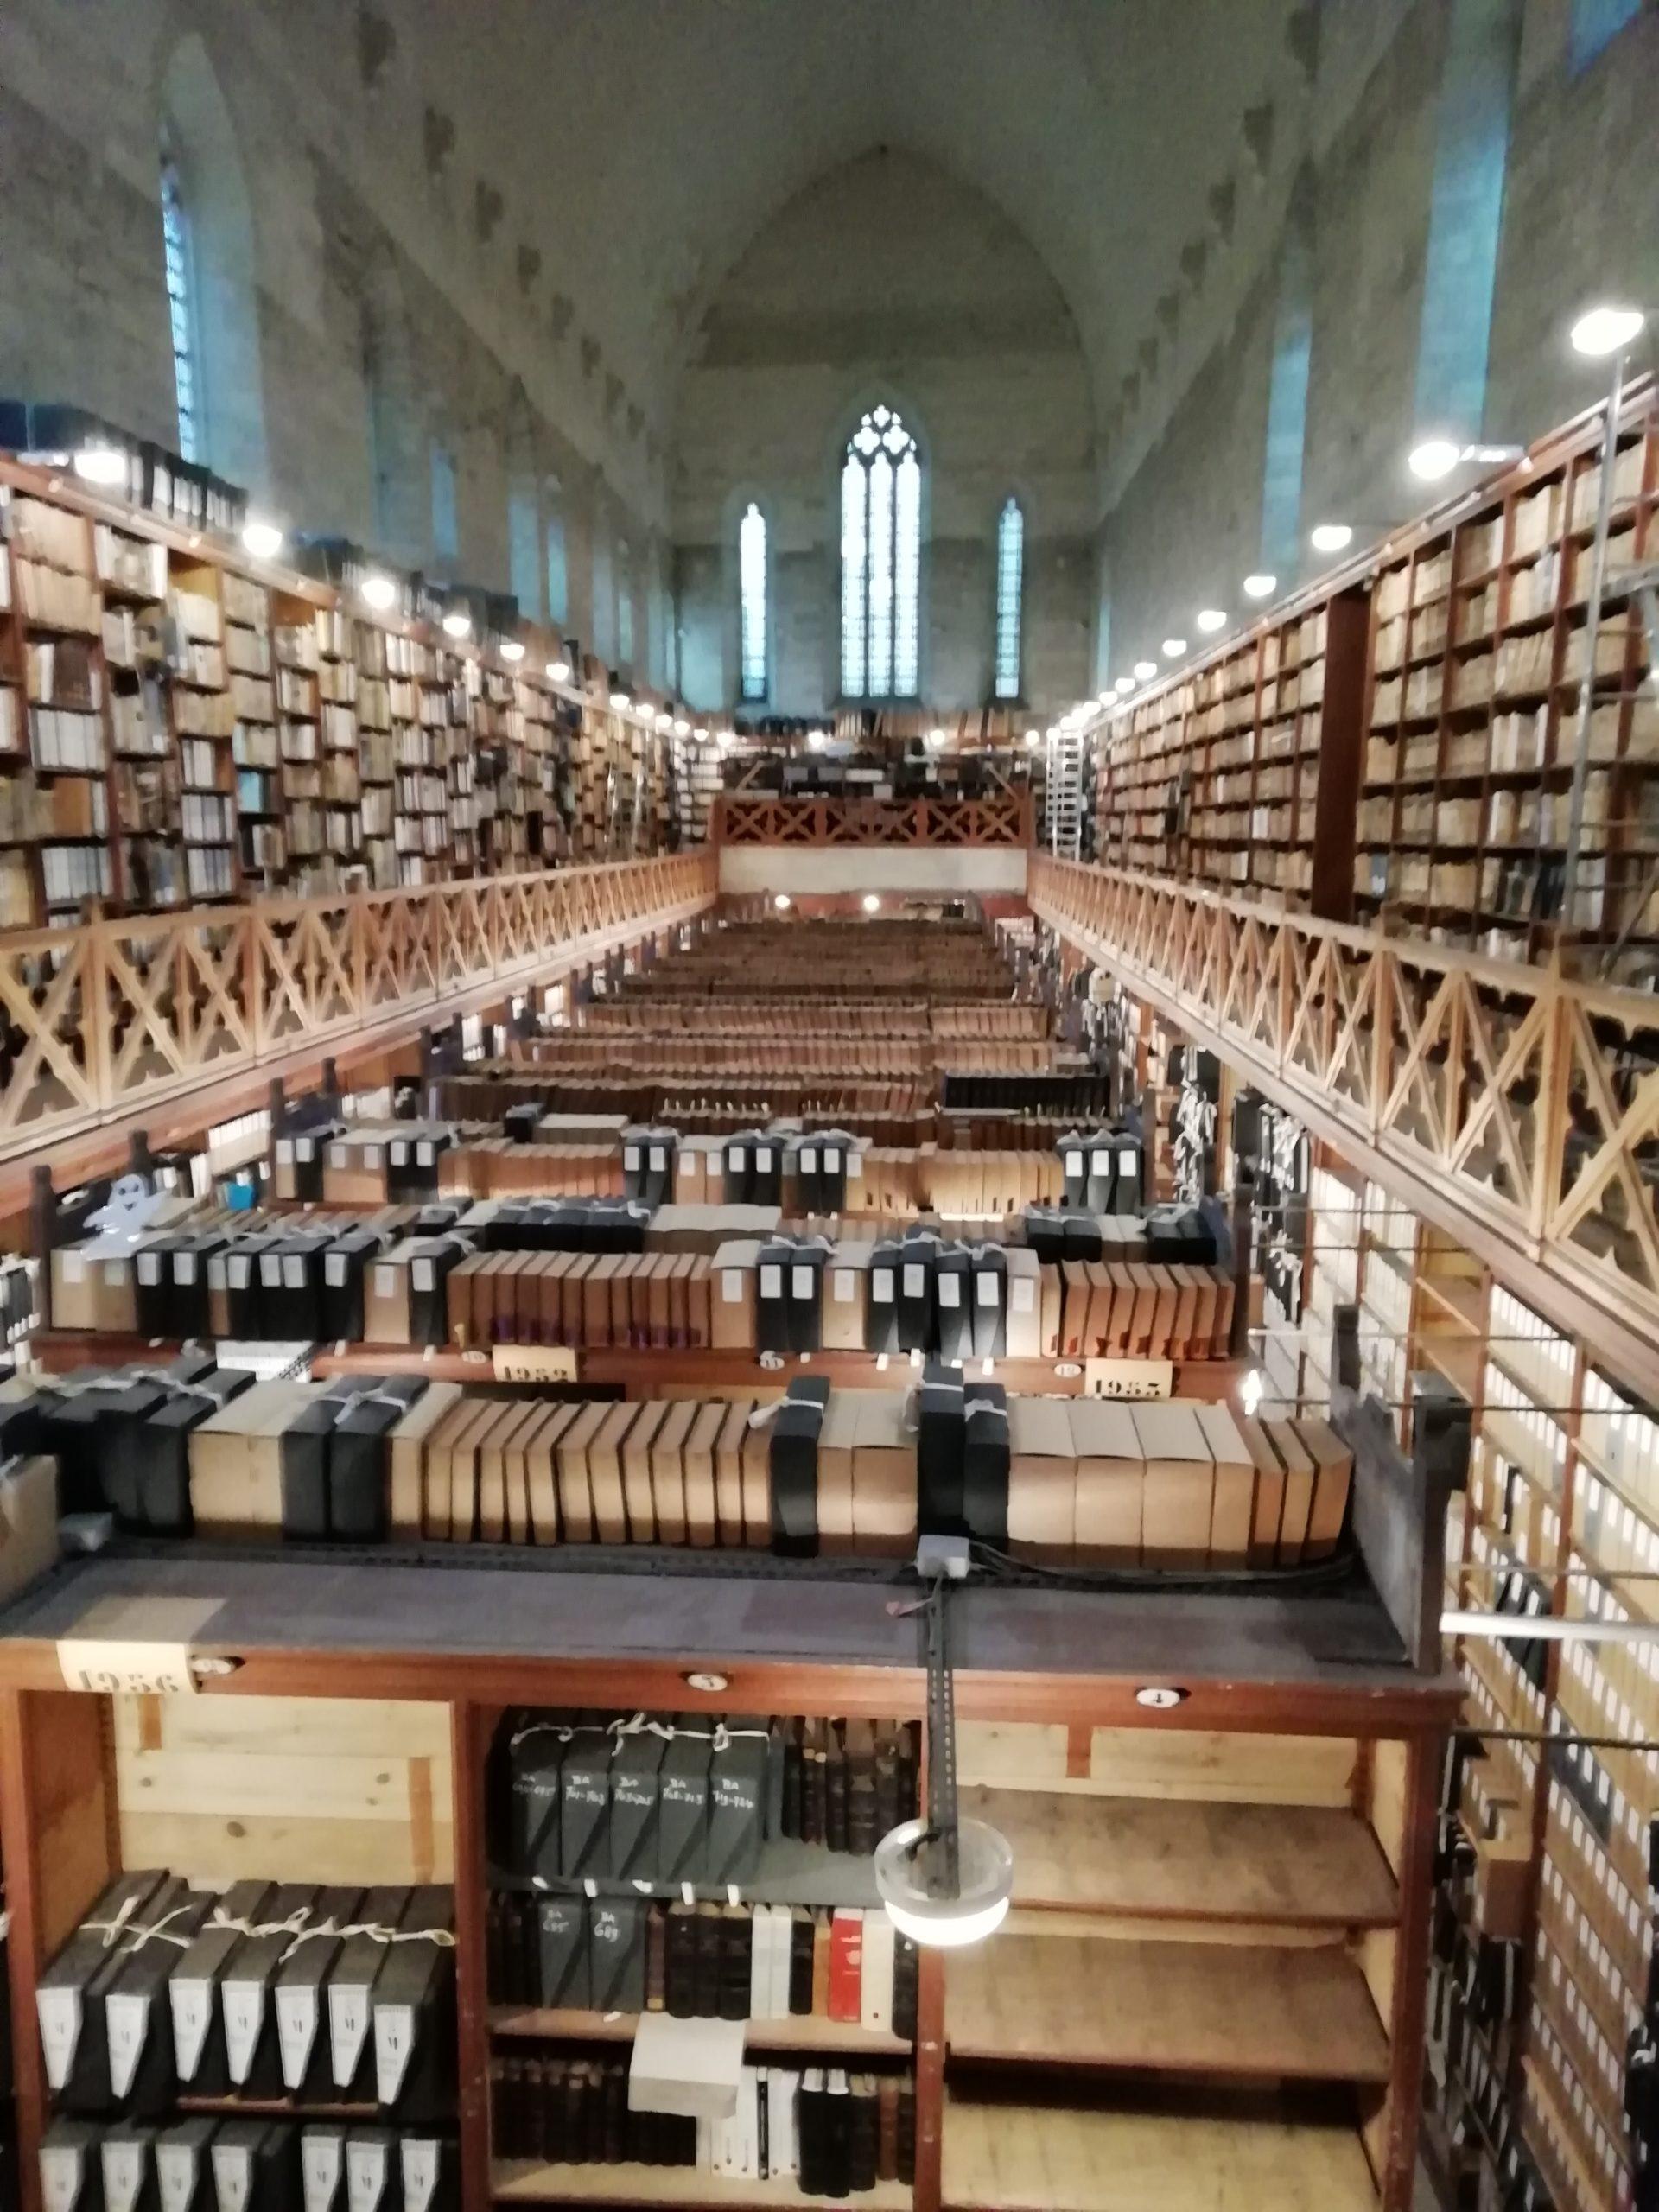 Rencontre régionale AEPF sud-est. Visite du magasin principal aux archives départementales du Vaucluse